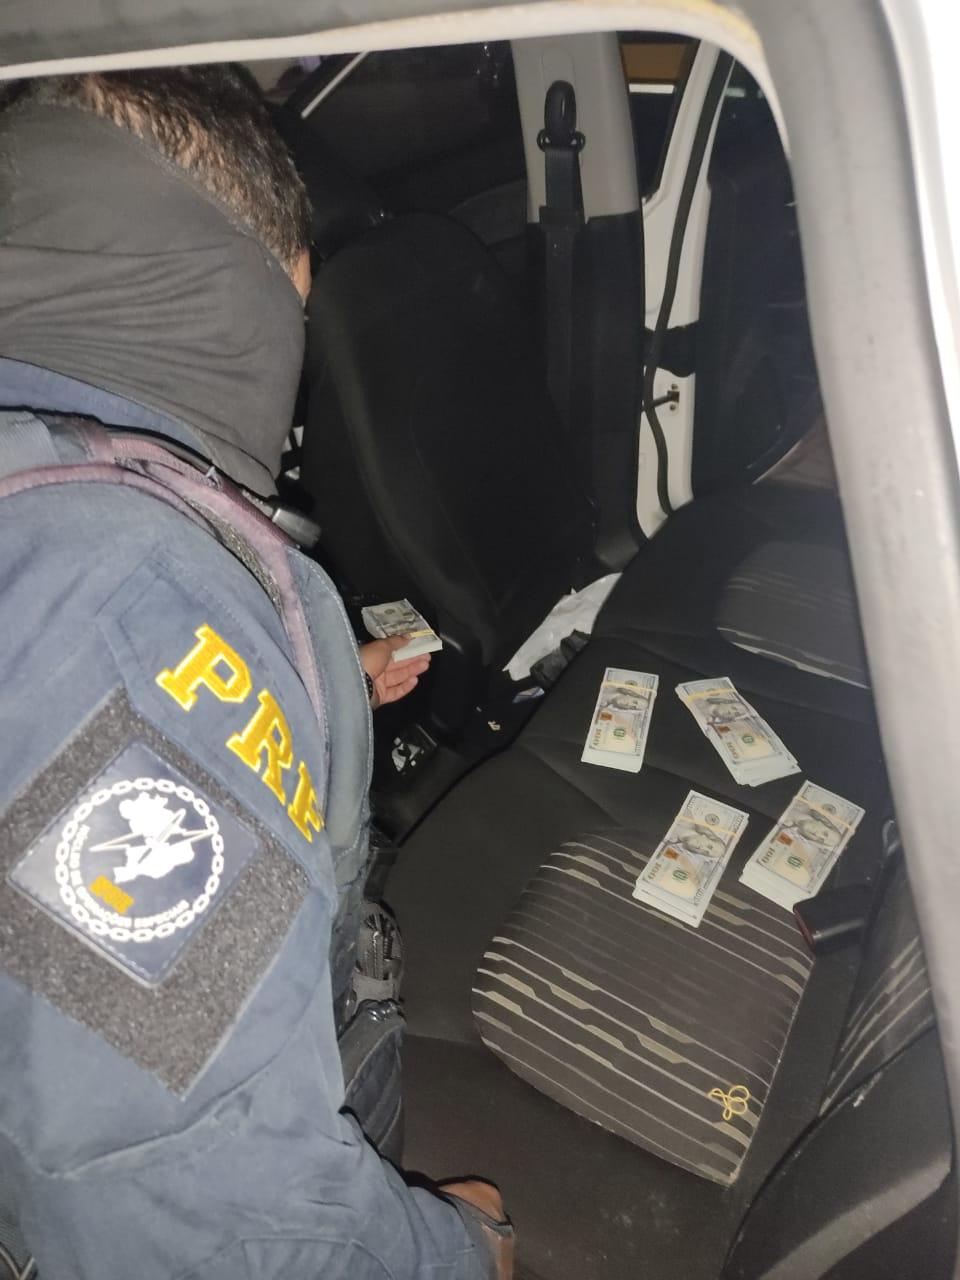 As cédulas estavam escondidas dentro do console central do utilitário. O casal detido foi encaminhado para a Delegacia de Polícia Federal